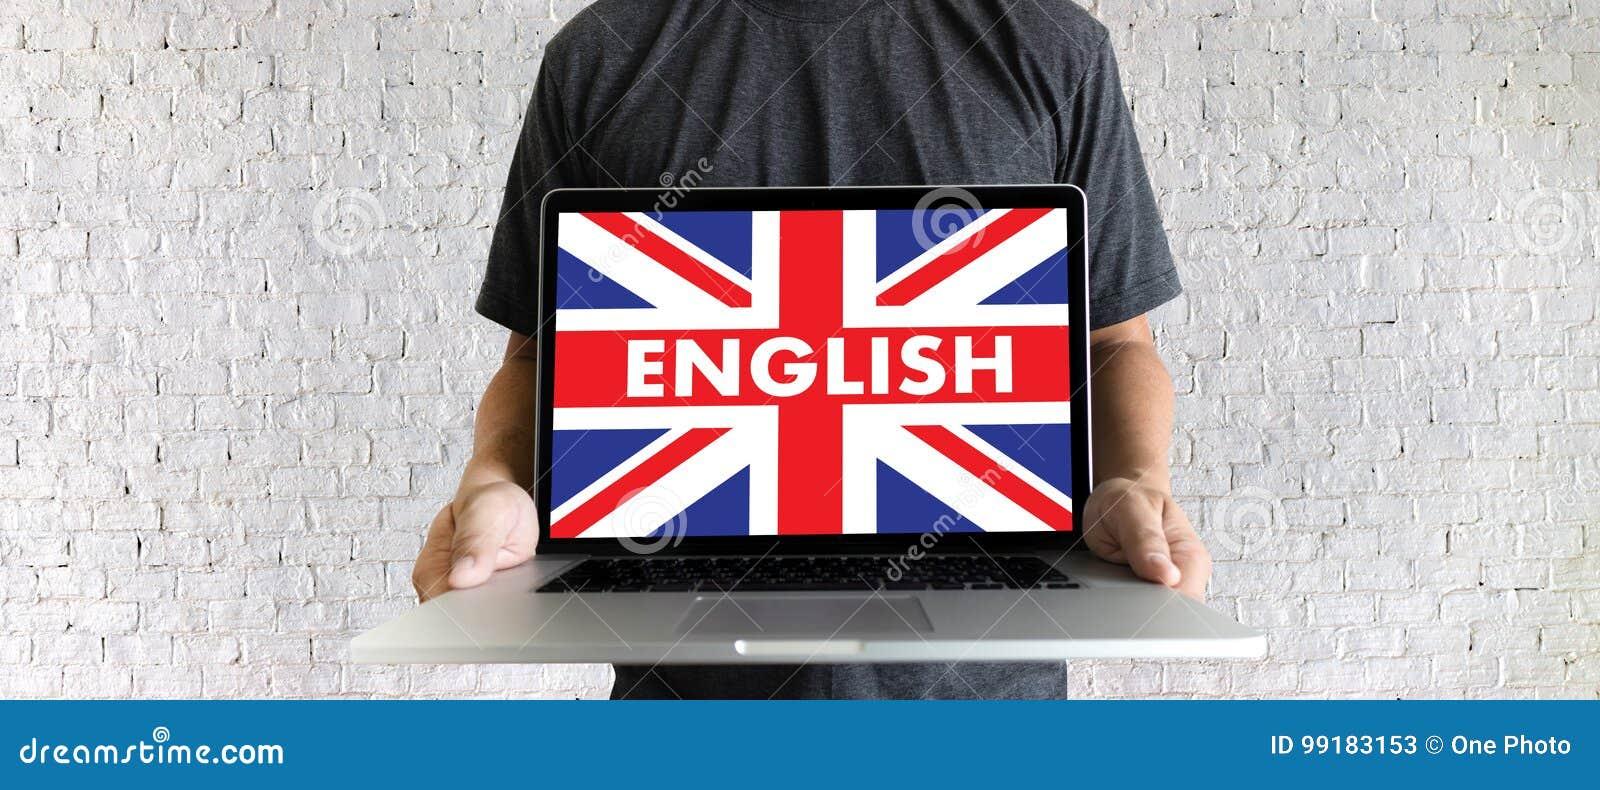 ENGLISCH (Sprachbildung Briten England) sprechen Sie Engl.